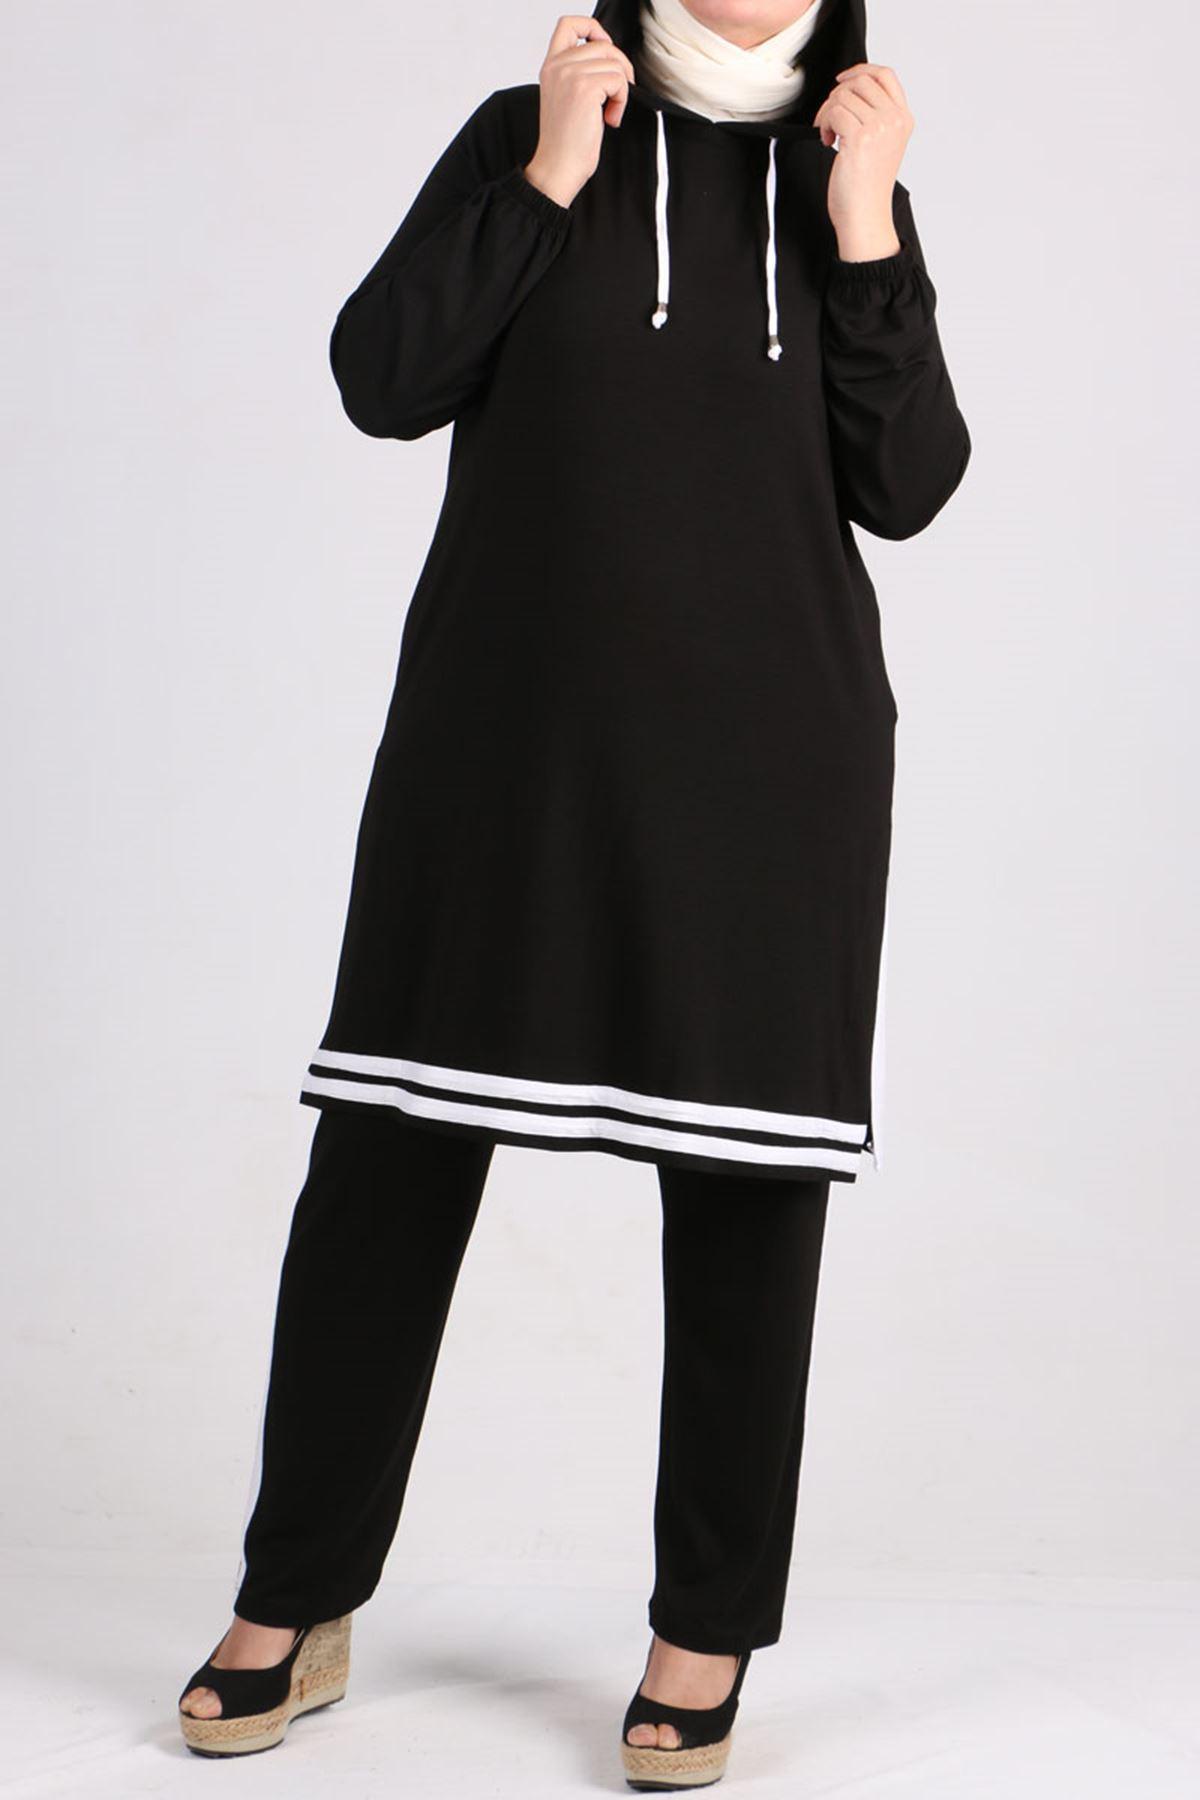 7689 Büyük Beden Şeritli Penye Pantalonlu Takım - Siyah